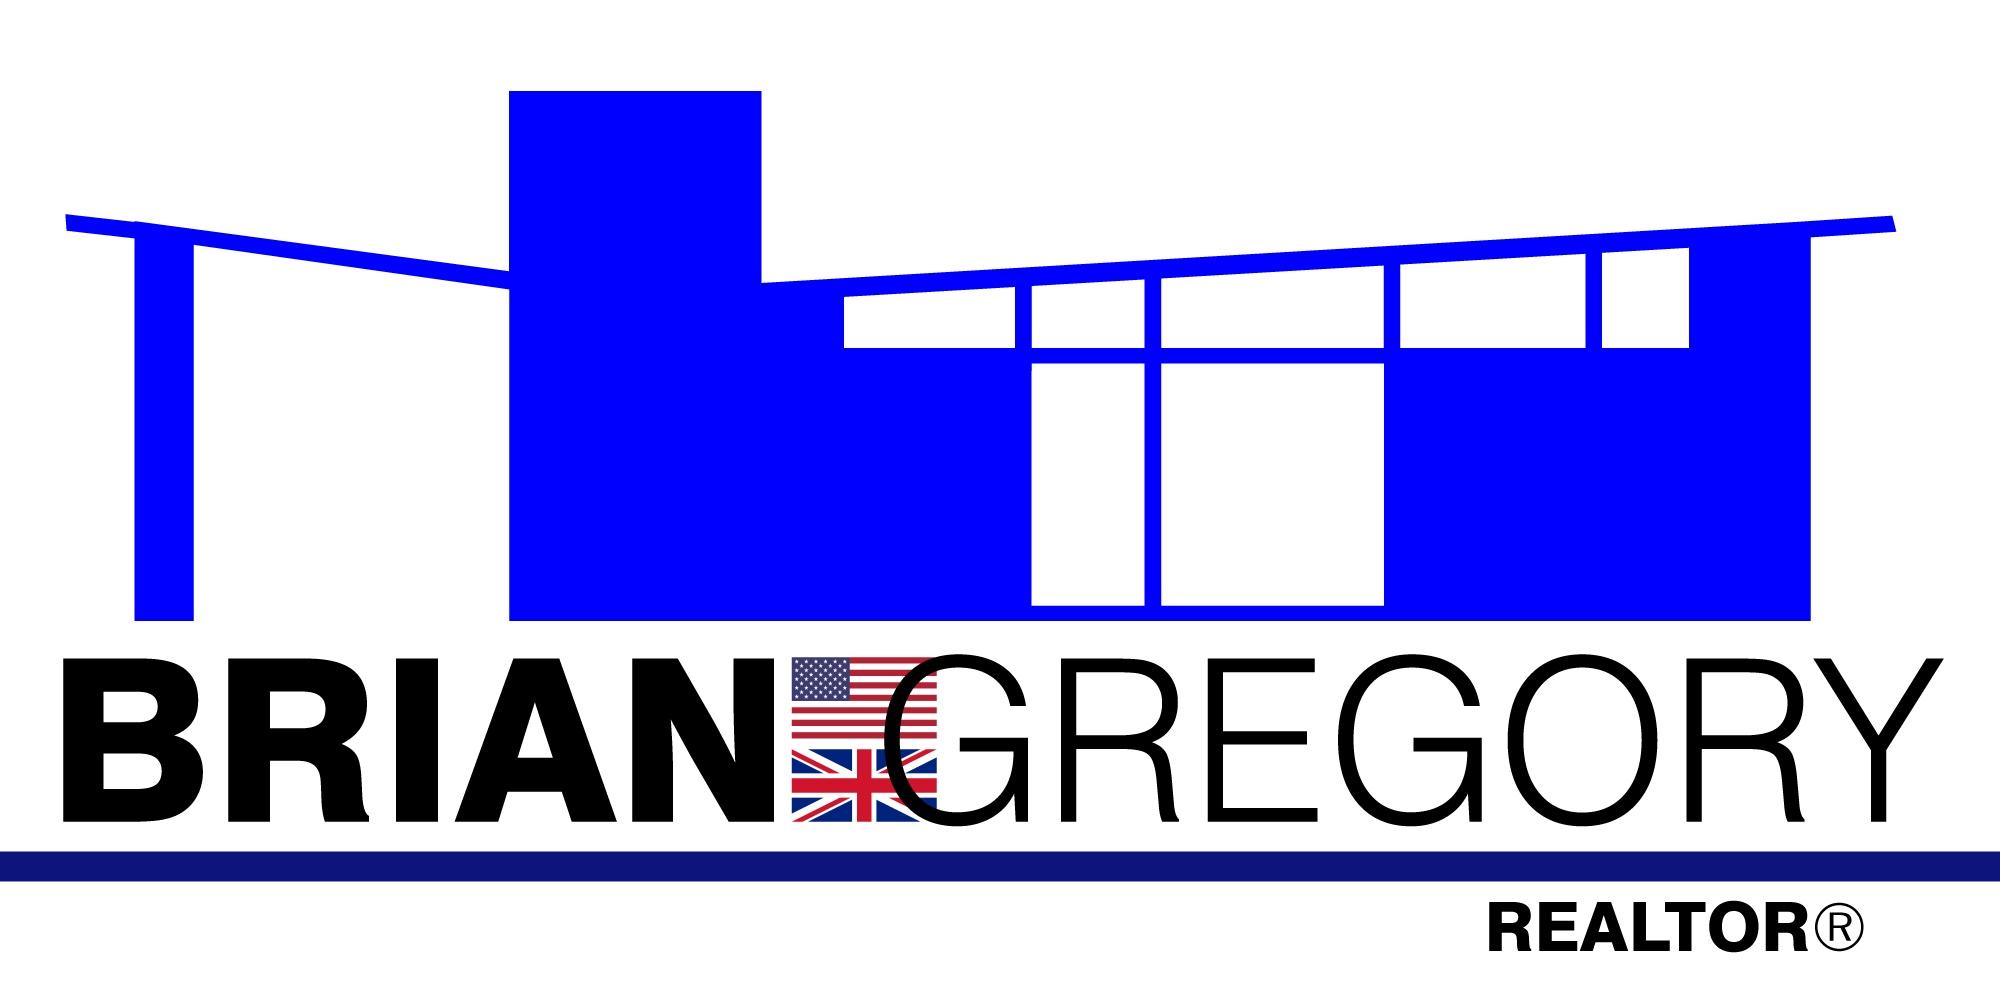 Brian Gregory REALTOR®